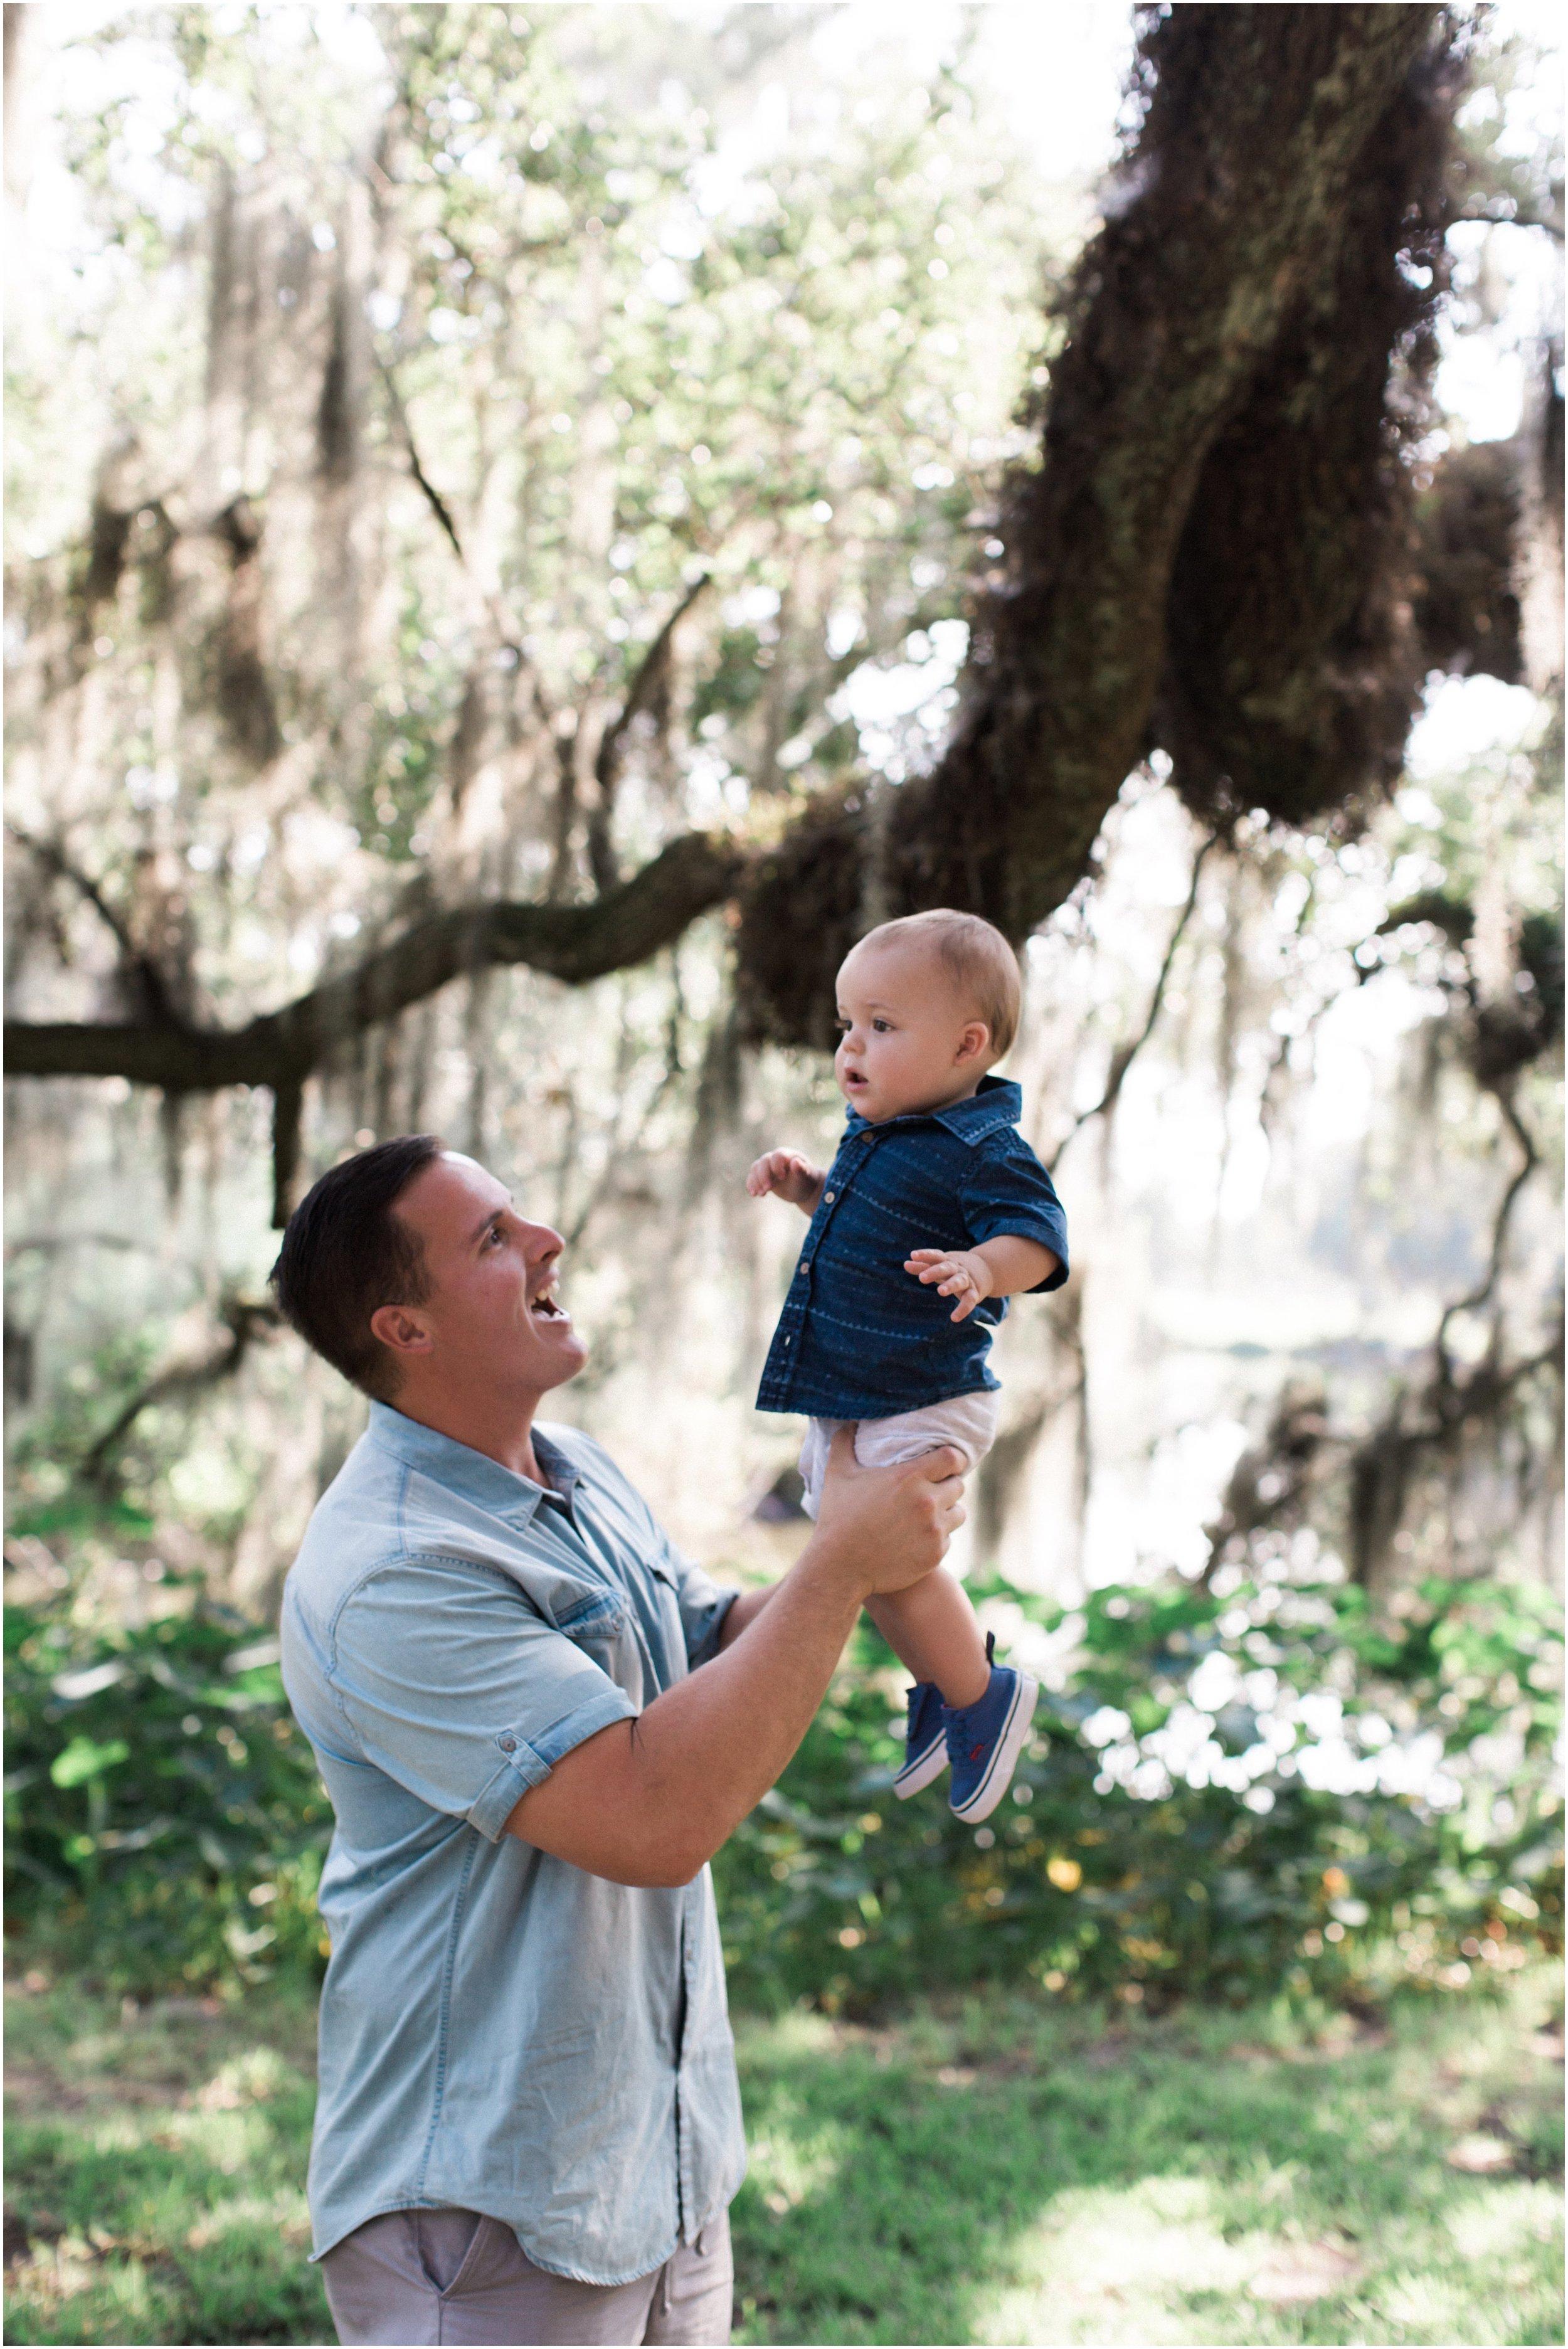 Wuellenweber-Family-Portraits-September-2016-New-Orleans-8545_watermark.jpg